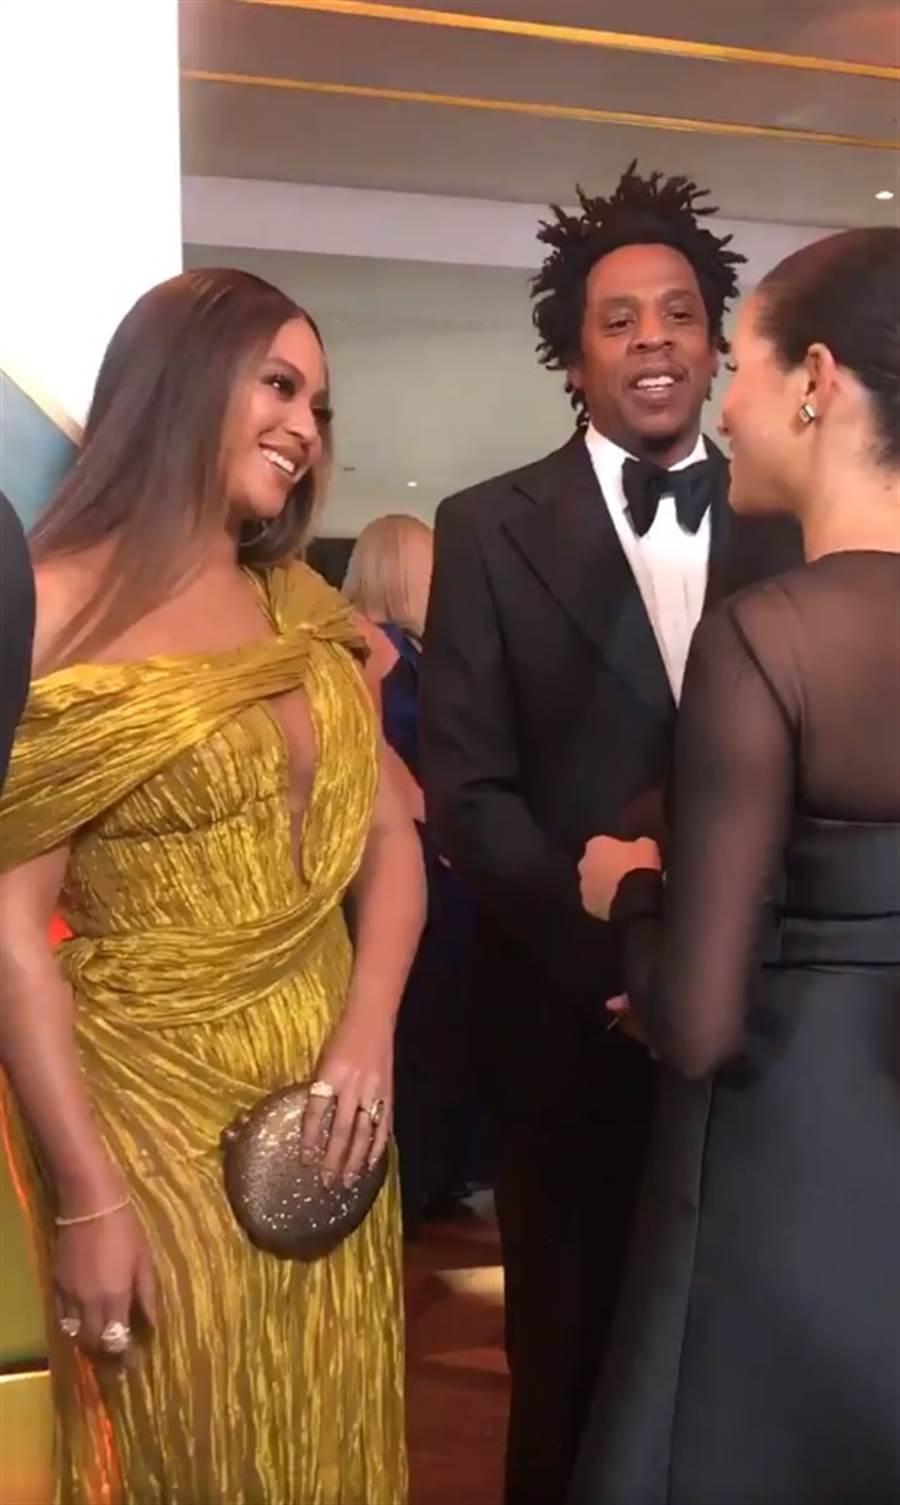 碧昂絲(Beyoncé)與梅根、哈利王子見面時,一直用手拿包檔住高衩部分,以示對哈利夫婦的尊重。(圖/Twitter @BeyLegion)